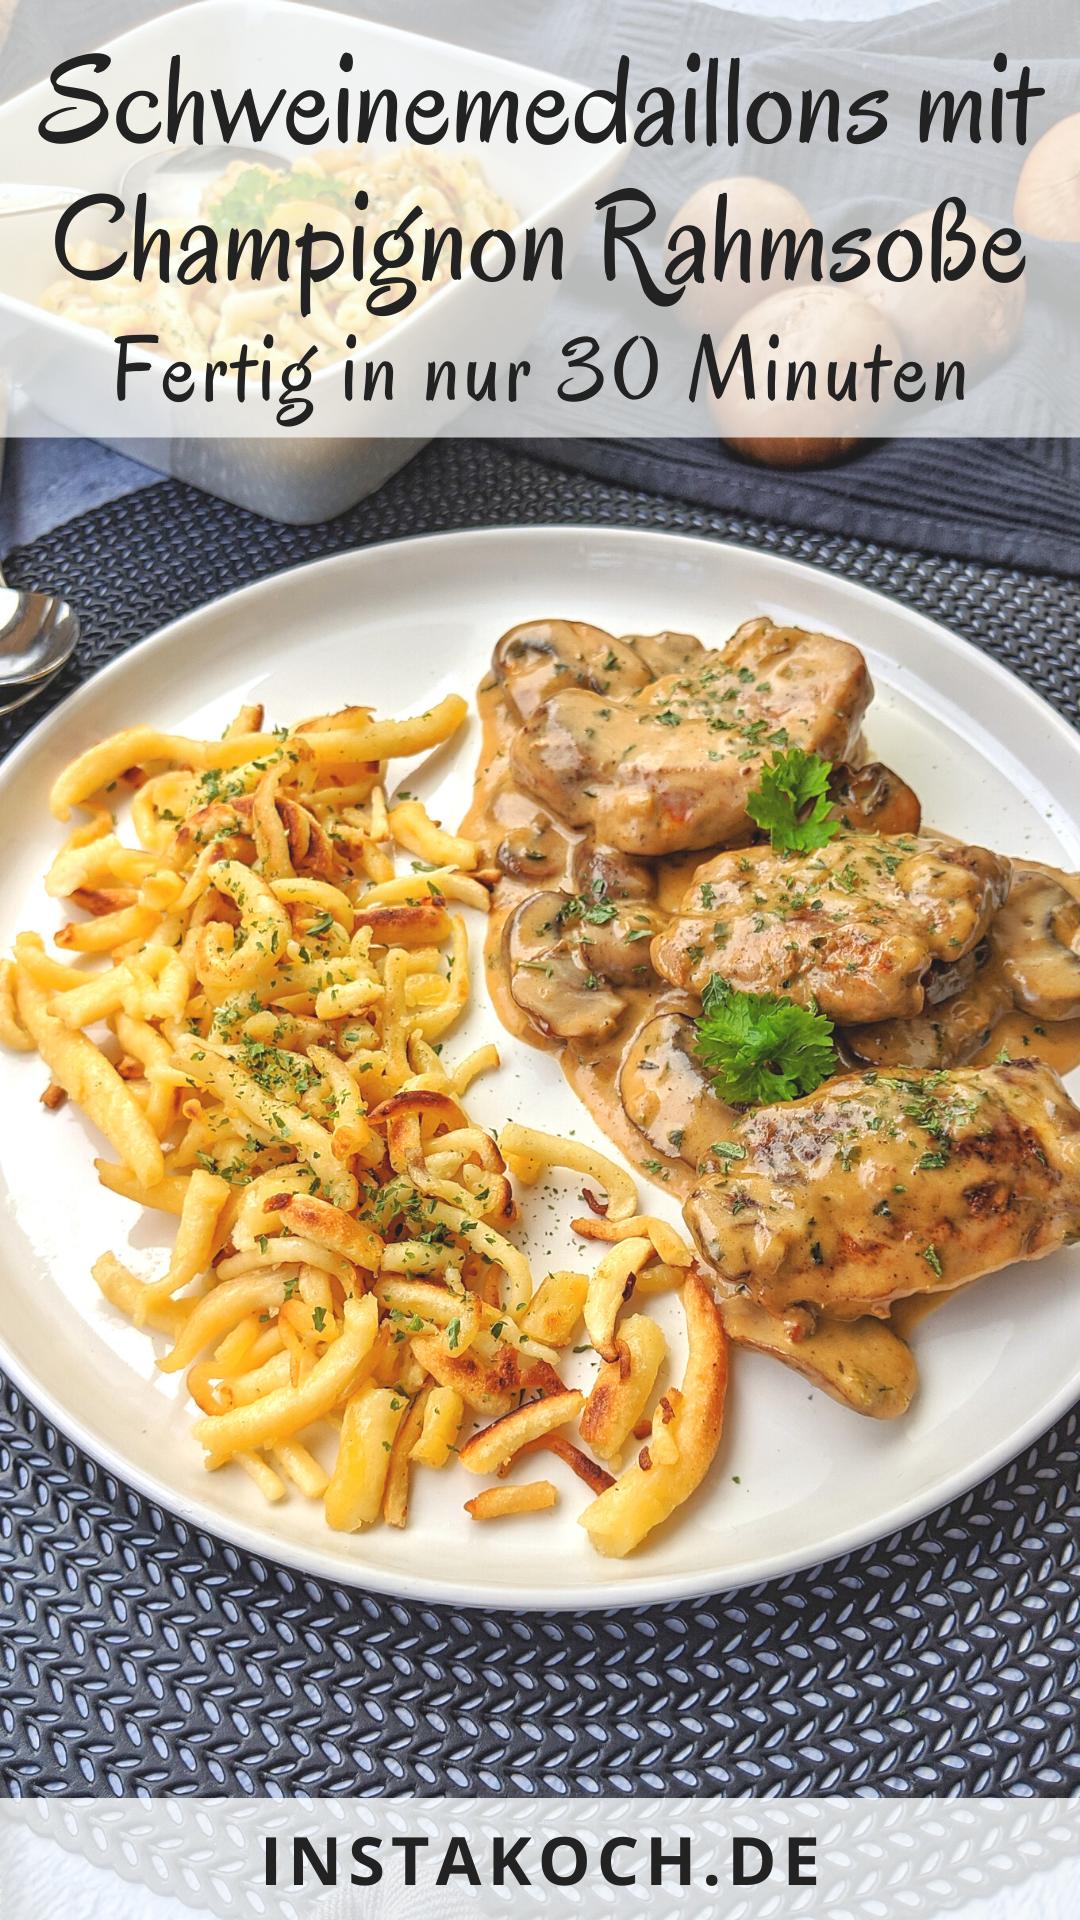 Schweinemedaillons mit Champignon Rahmsoße mit Spätzle – Klick dich zum einfa…